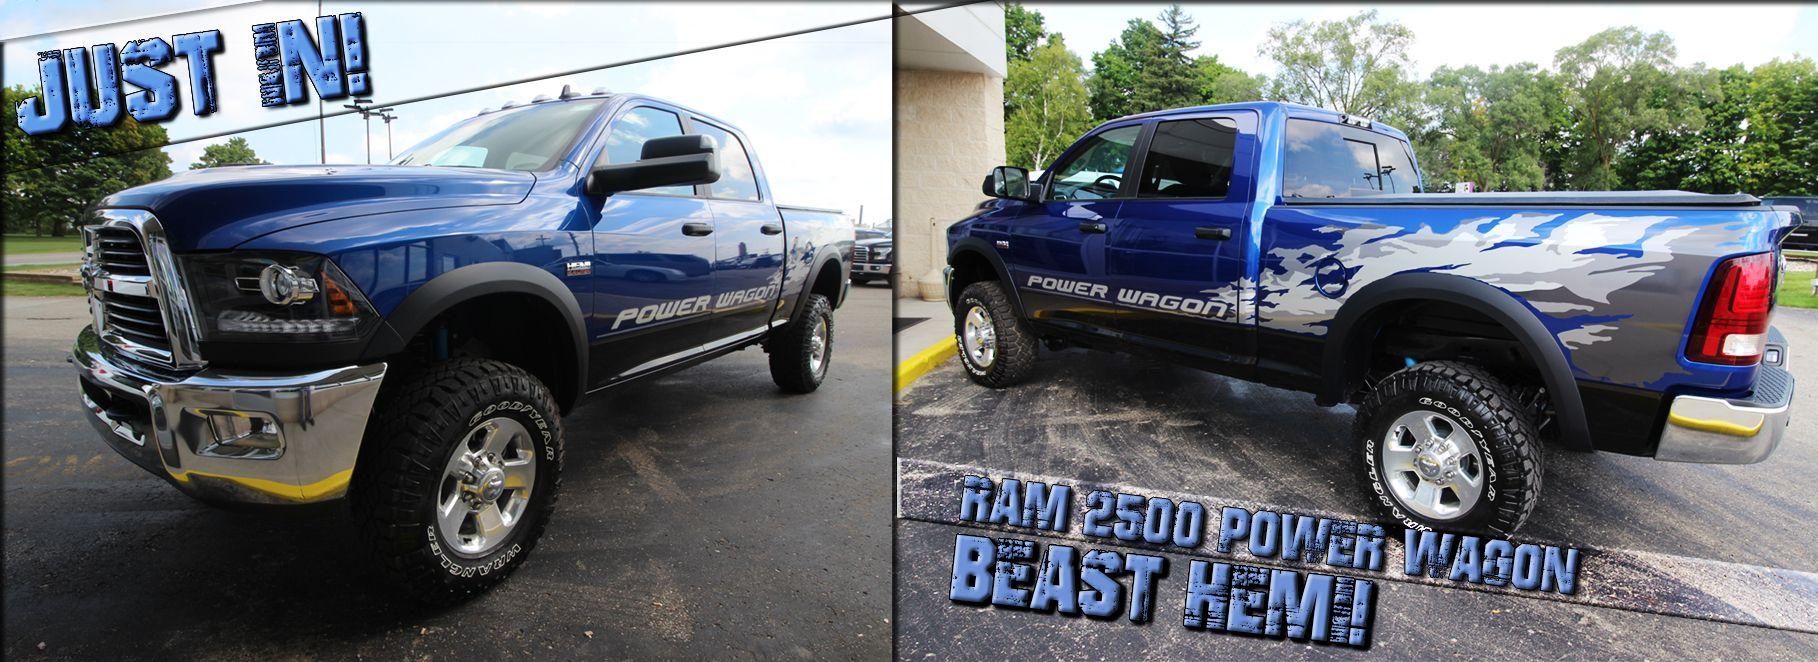 We've got a Beast of a Ram 2500 here! Ram trucks, Ram